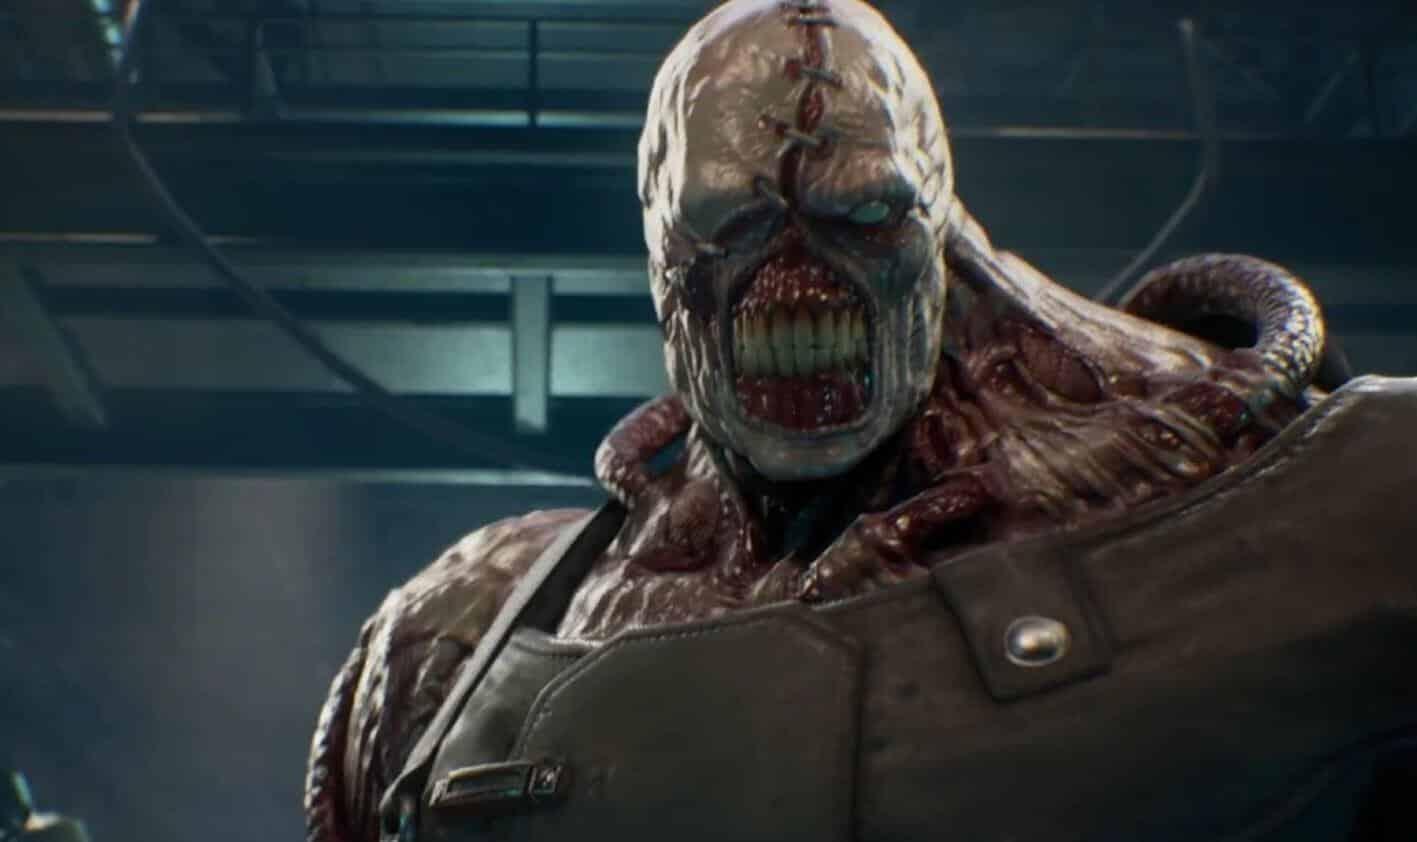 Resident Evil 3 Video Game Remake Playstation Artwork Leaked